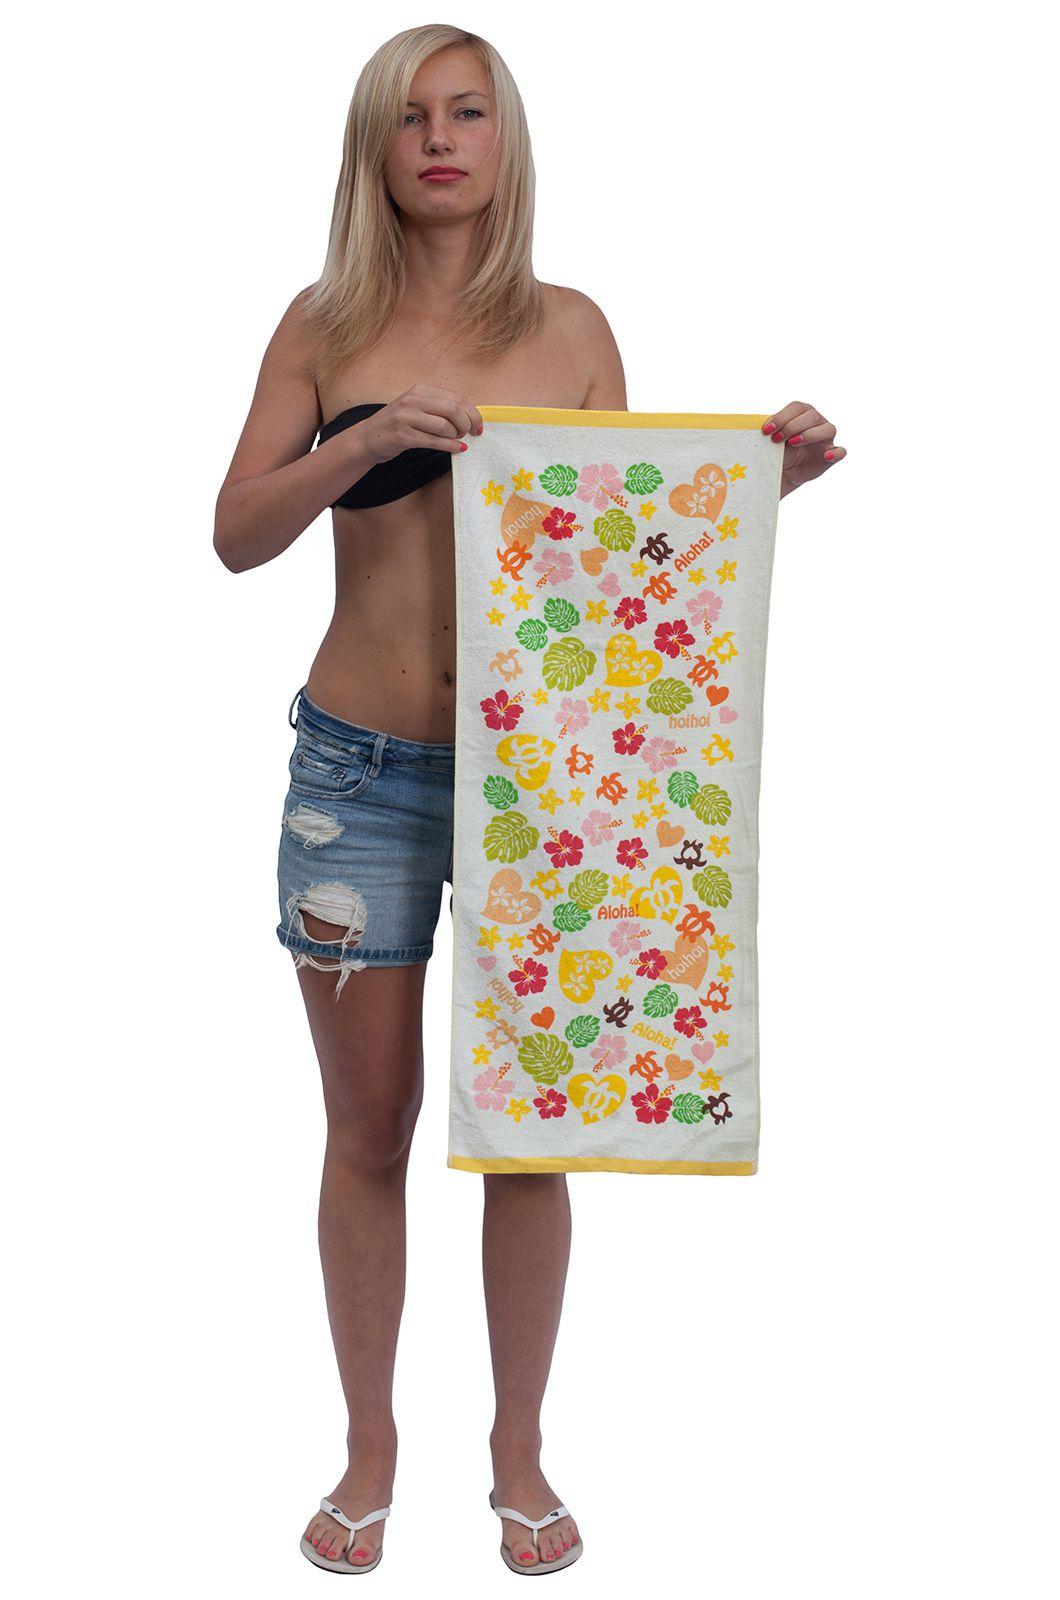 Недорогие полотенца для душа в комплекте – всего 500 р за 5 штук!